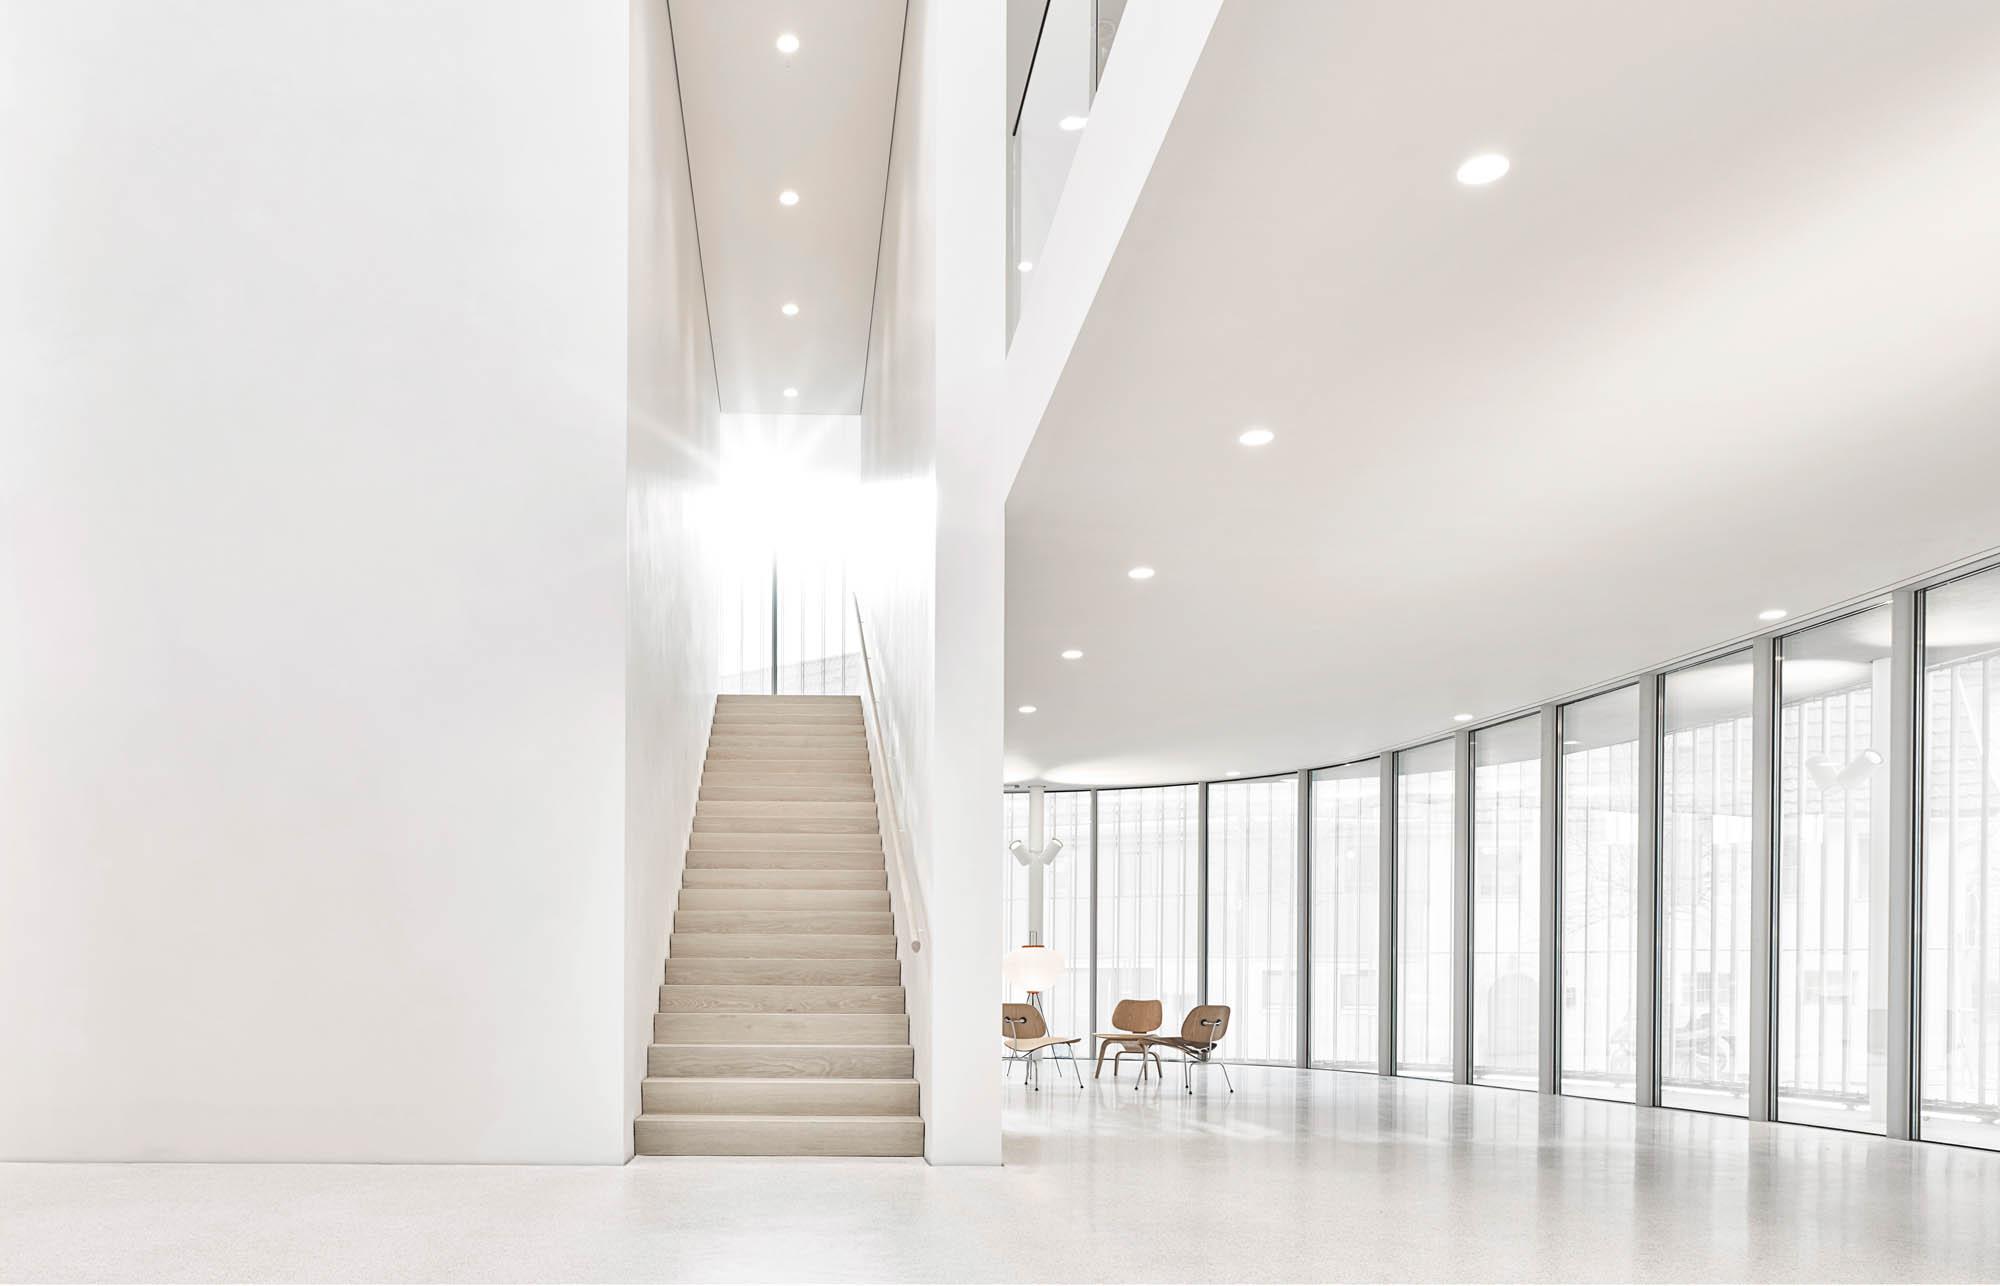 OPC 151212 0152U 3 - Eva Mayr-Stihl Stiftung: Fotografie des neuen Verwaltungsgebäudes